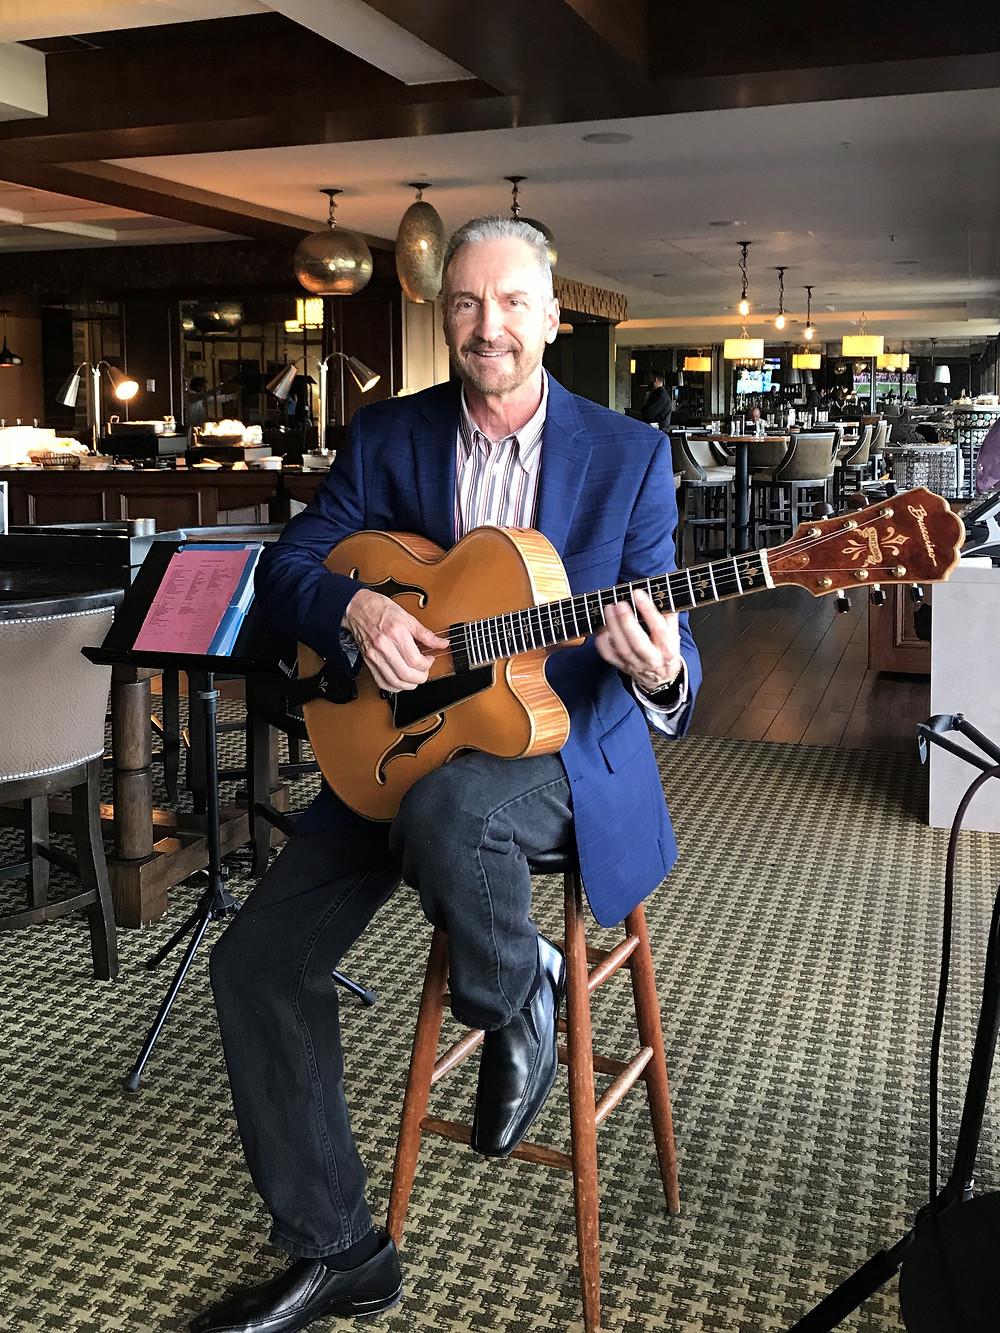 Club Jazz guitar